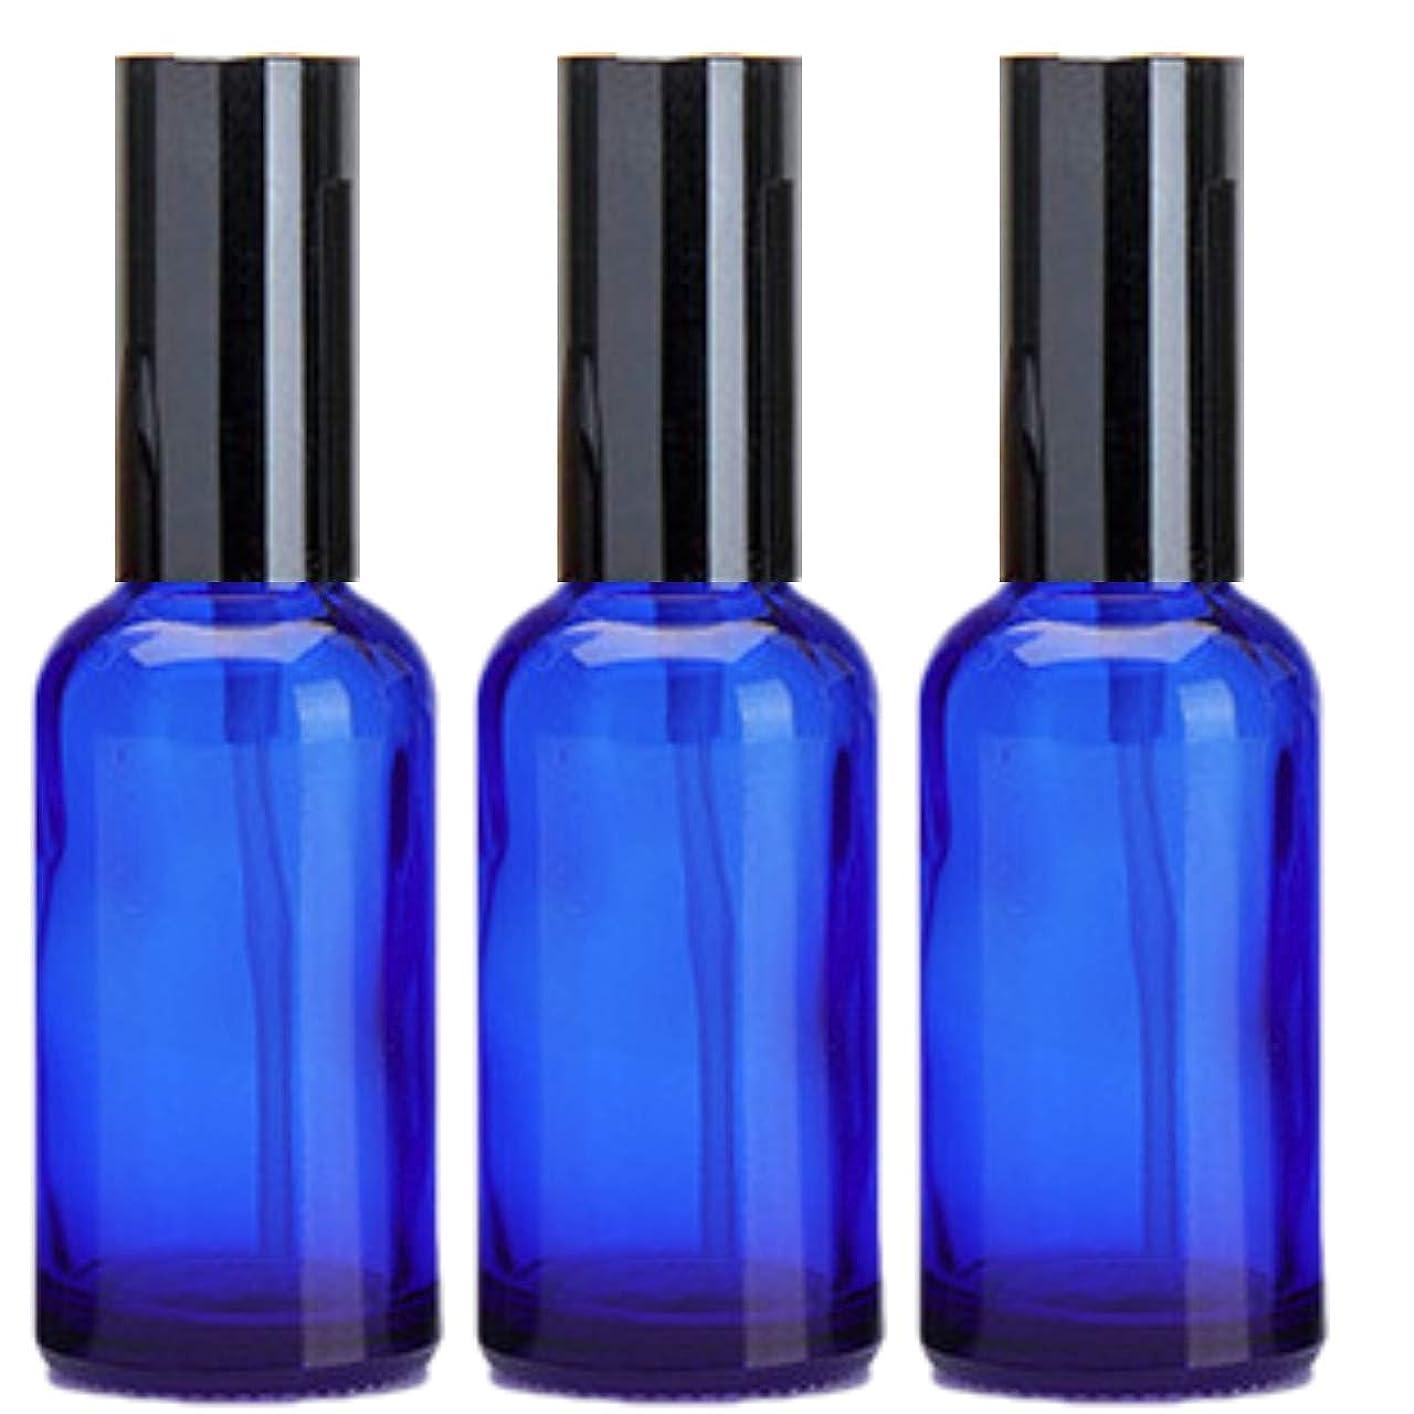 バイバイベストたまに乳液 ボトル 3本セット クリーム容器 アロマクリーム ハンドクリーム 遮光瓶 ガラス 瓶 アロマ ボトル ビン 保存 詰替え 青色 ブルー (30m?3本)